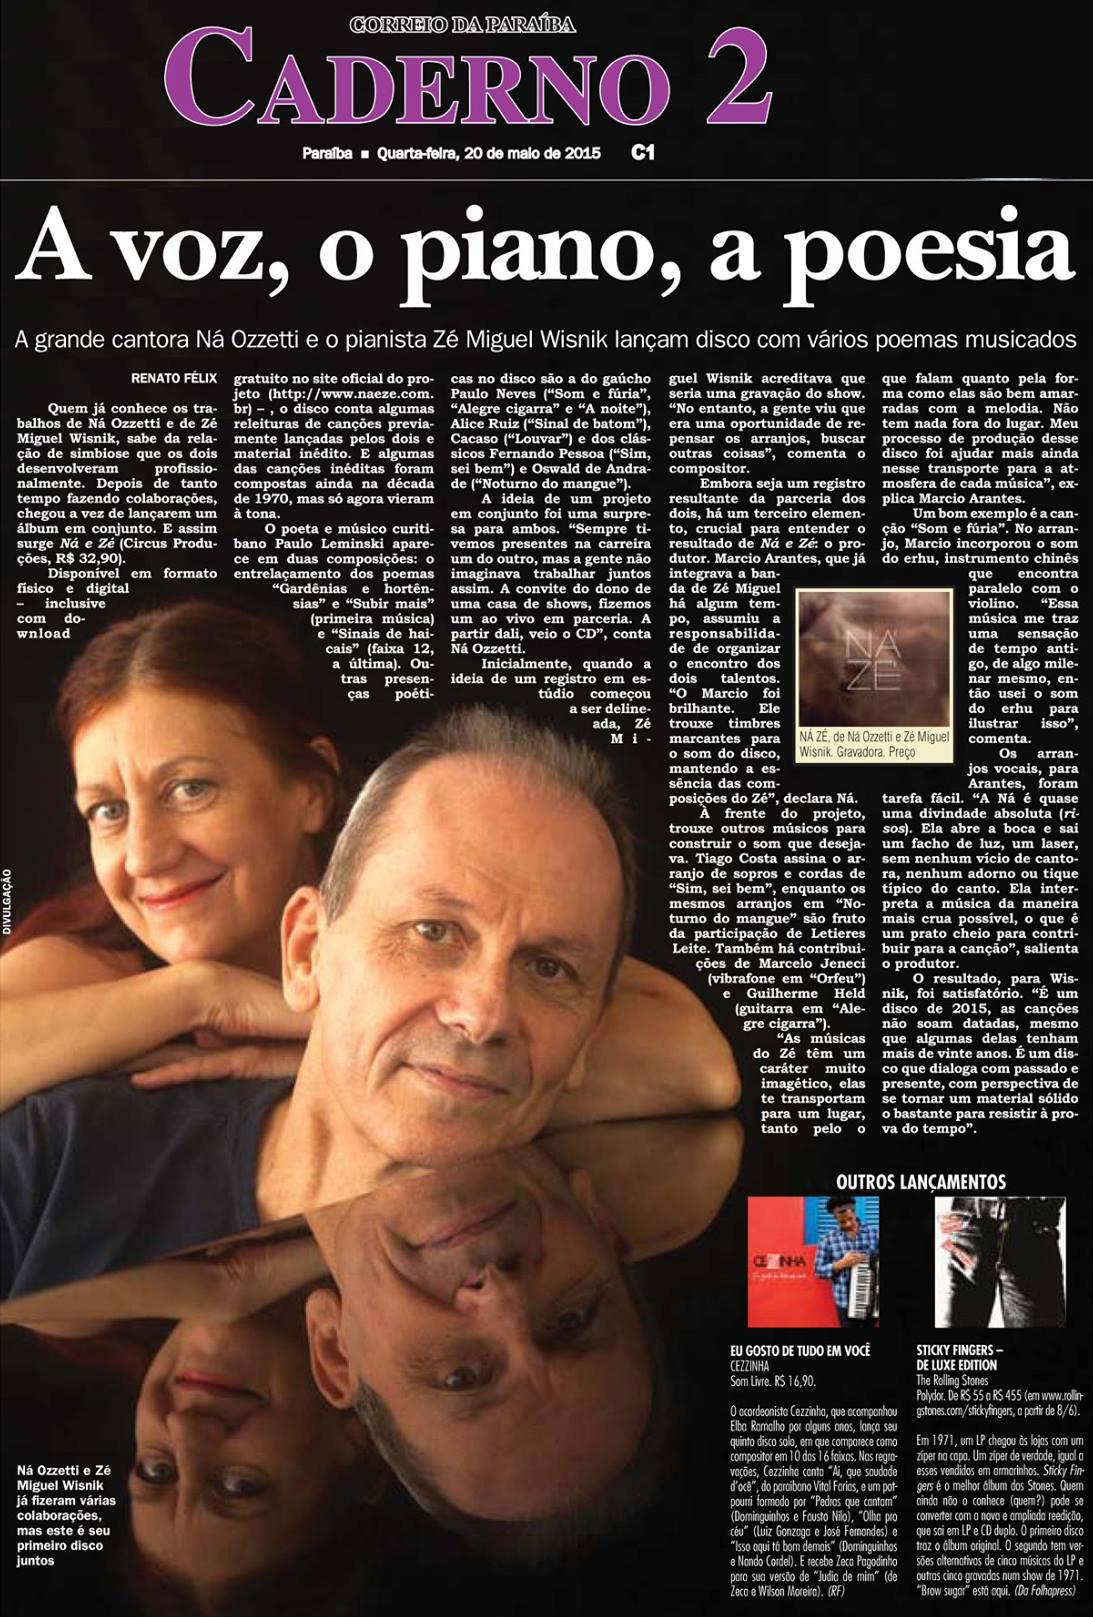 A voz, o piano e a poesia